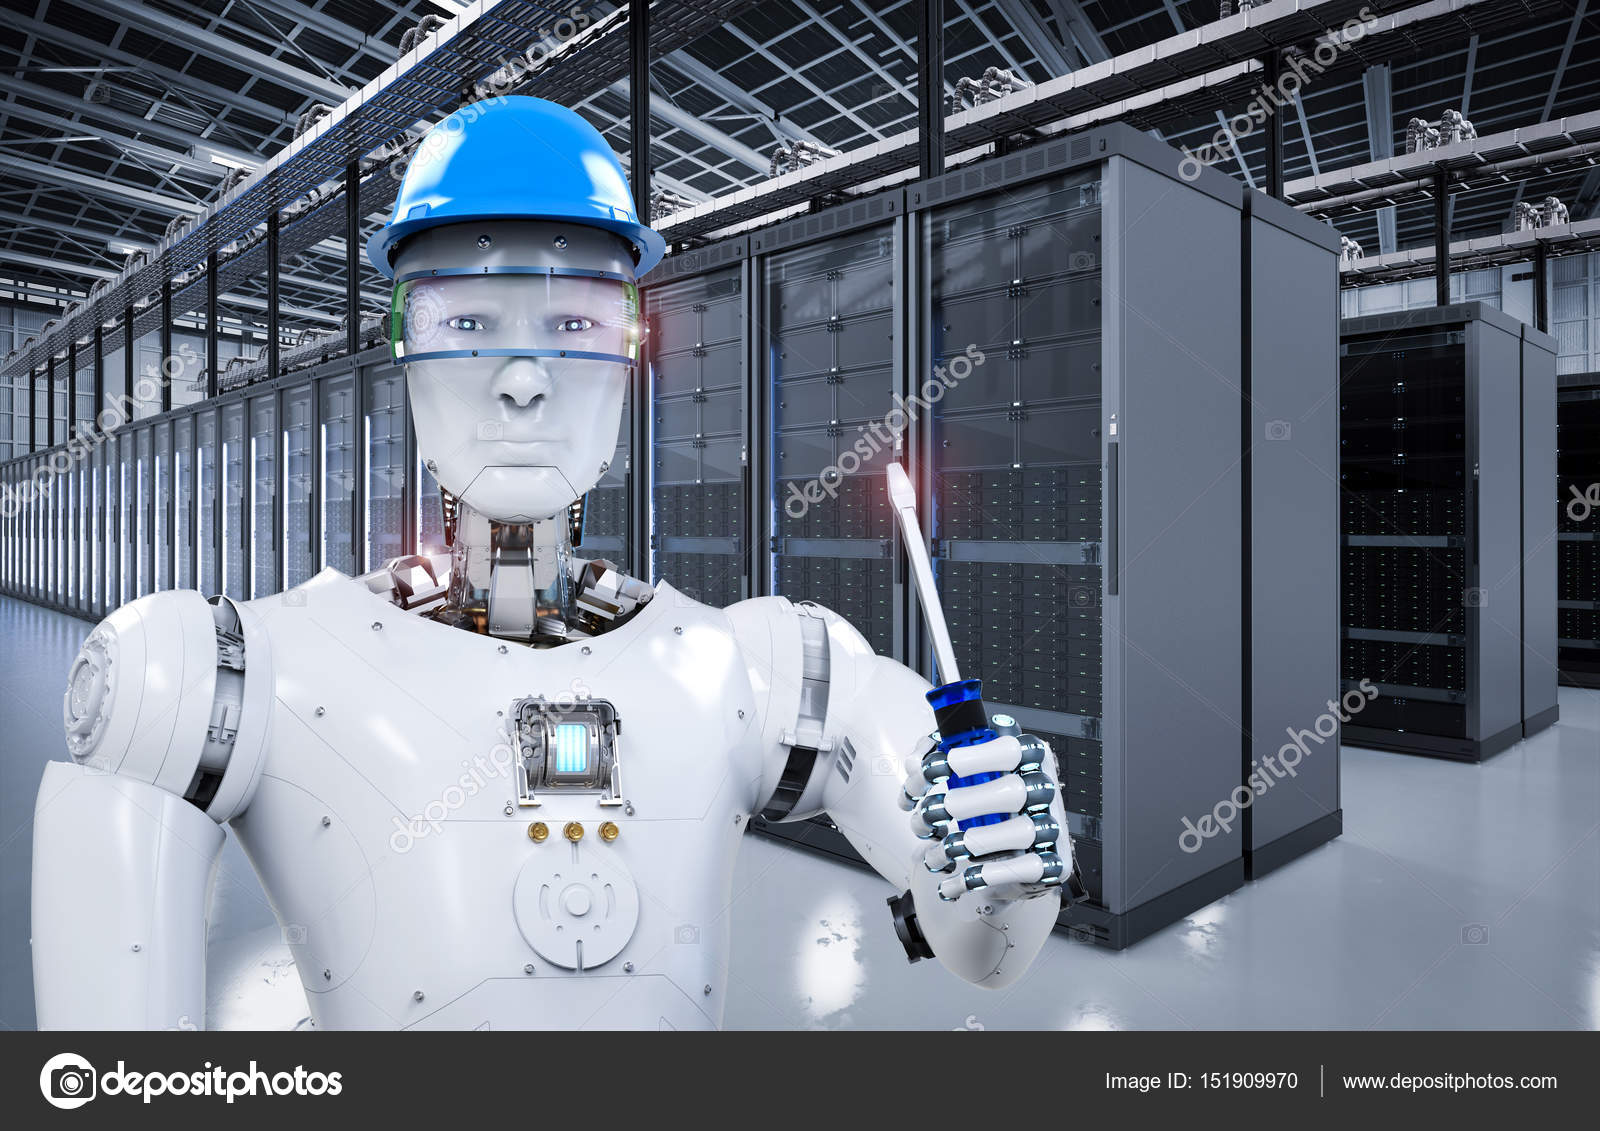 En 2025, más de la mitad de los trabajos serán realizados por robots